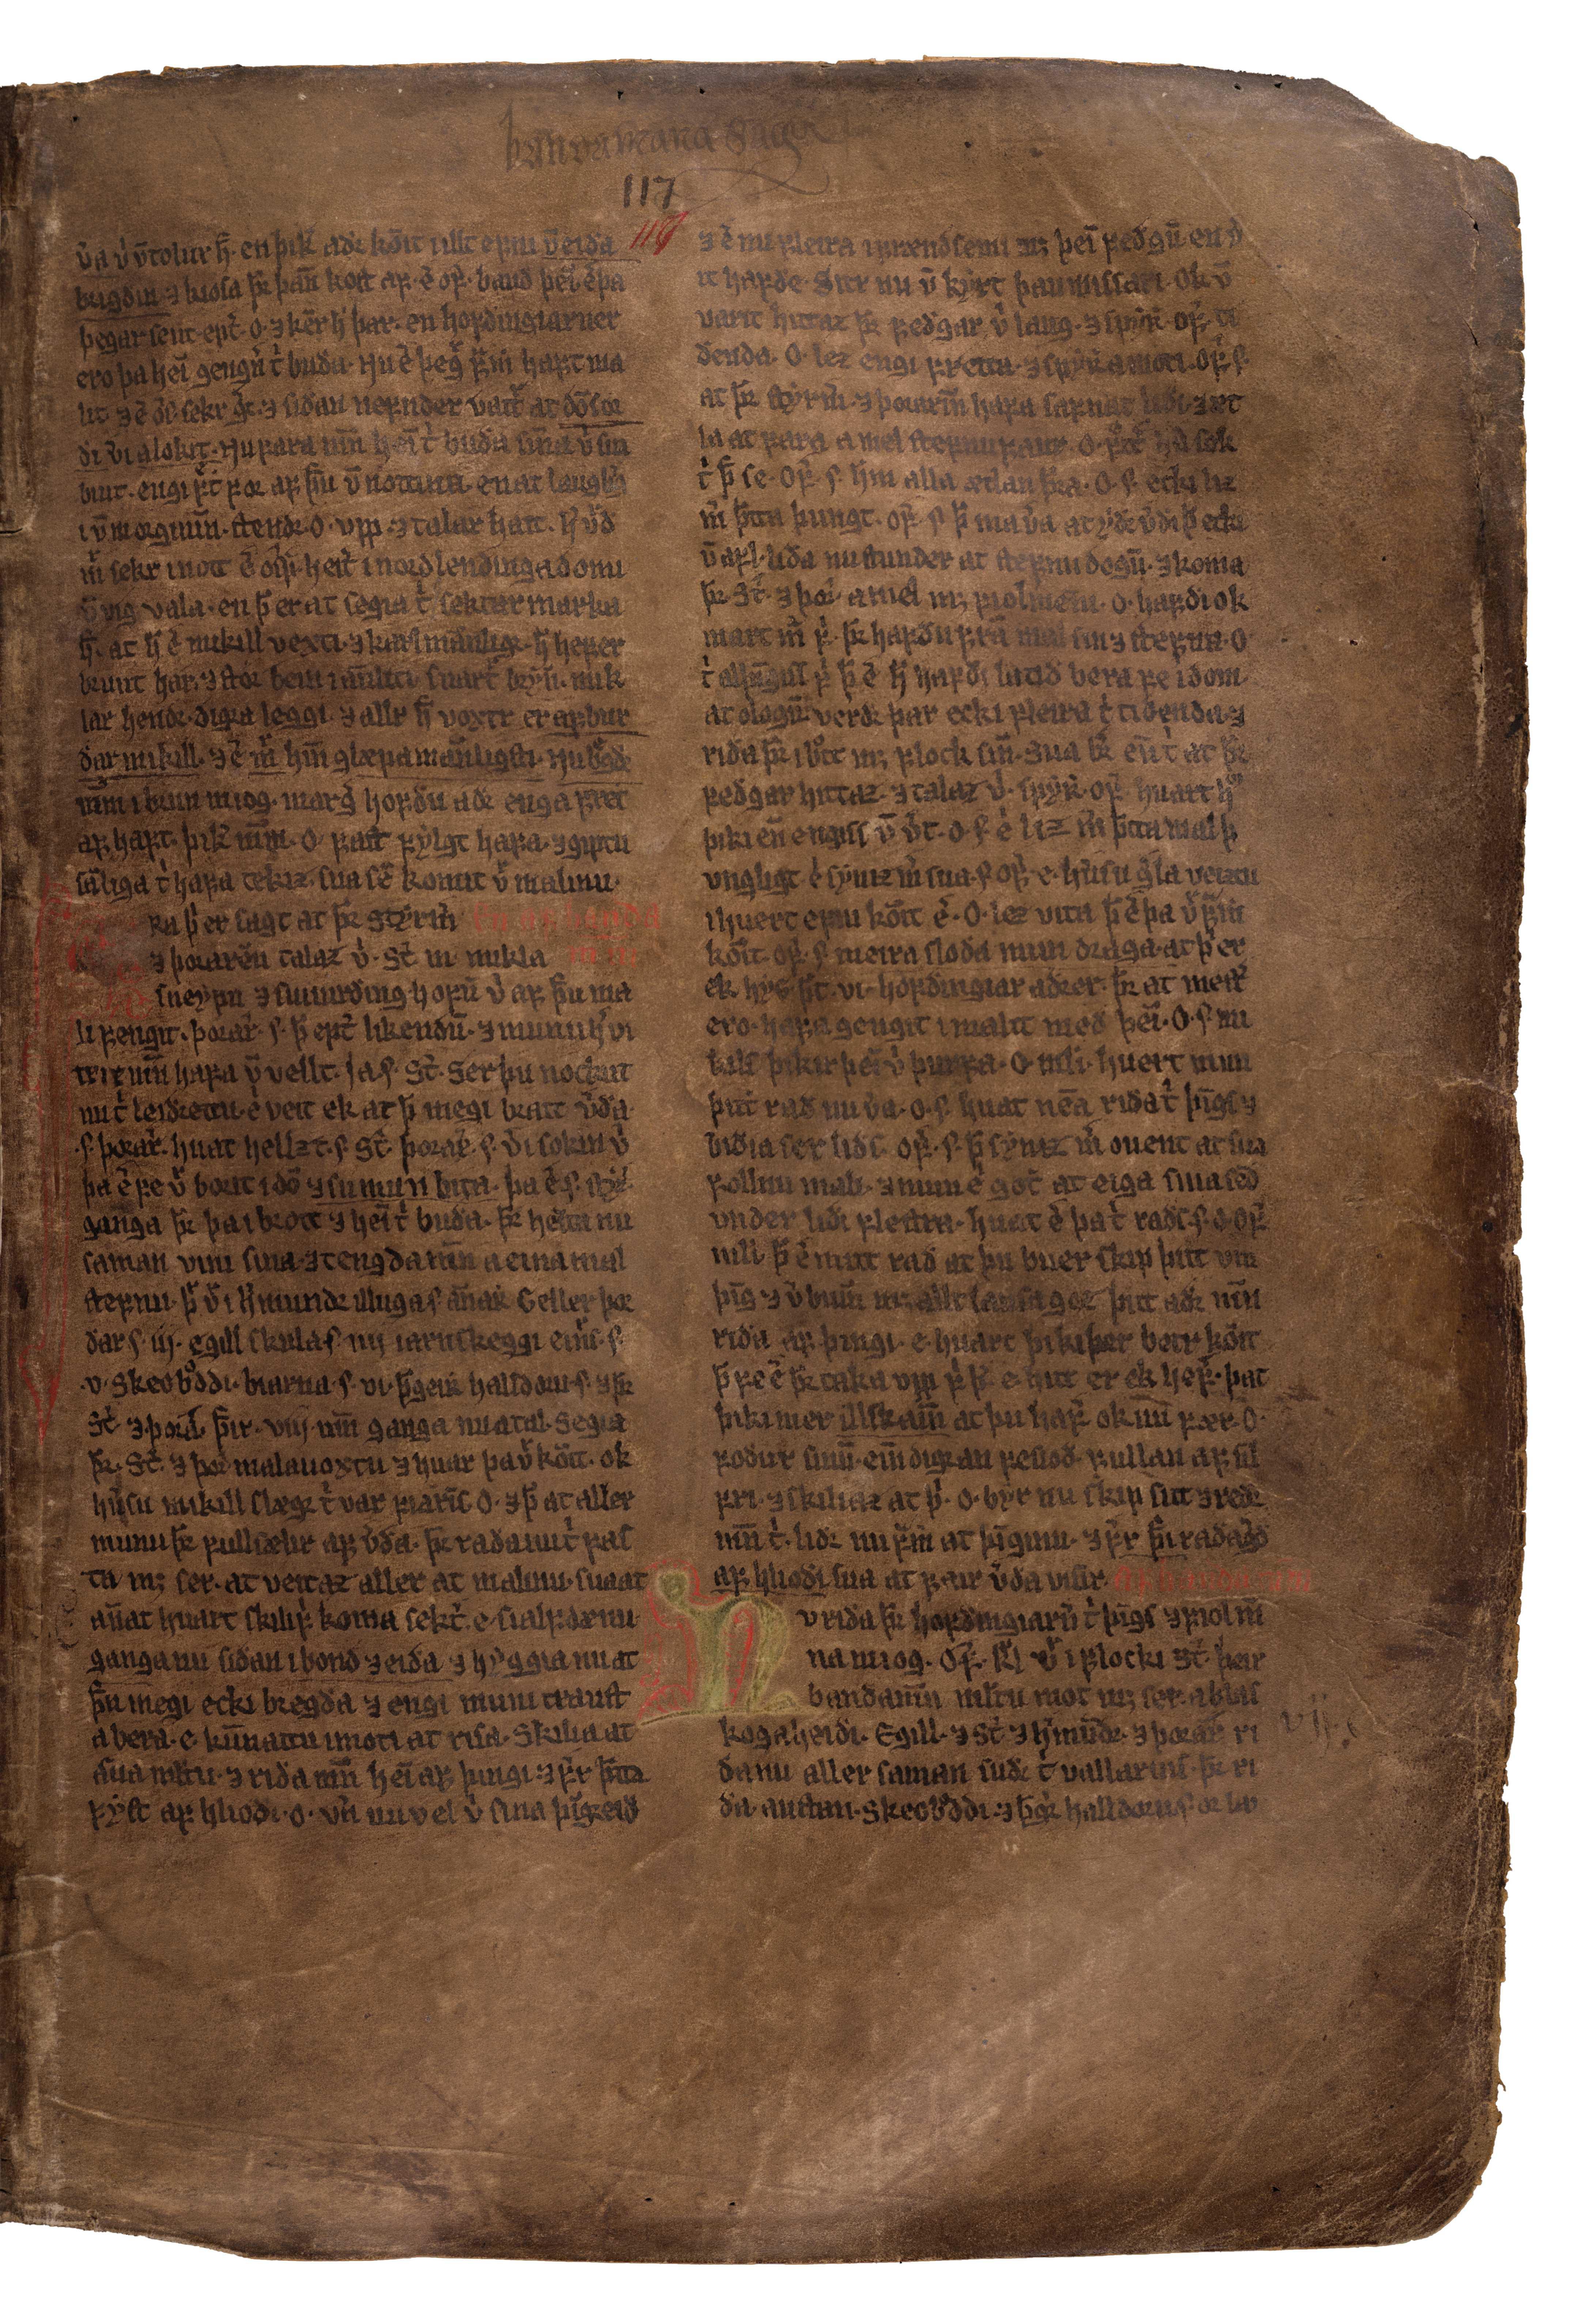 AM 132 fol - 117r